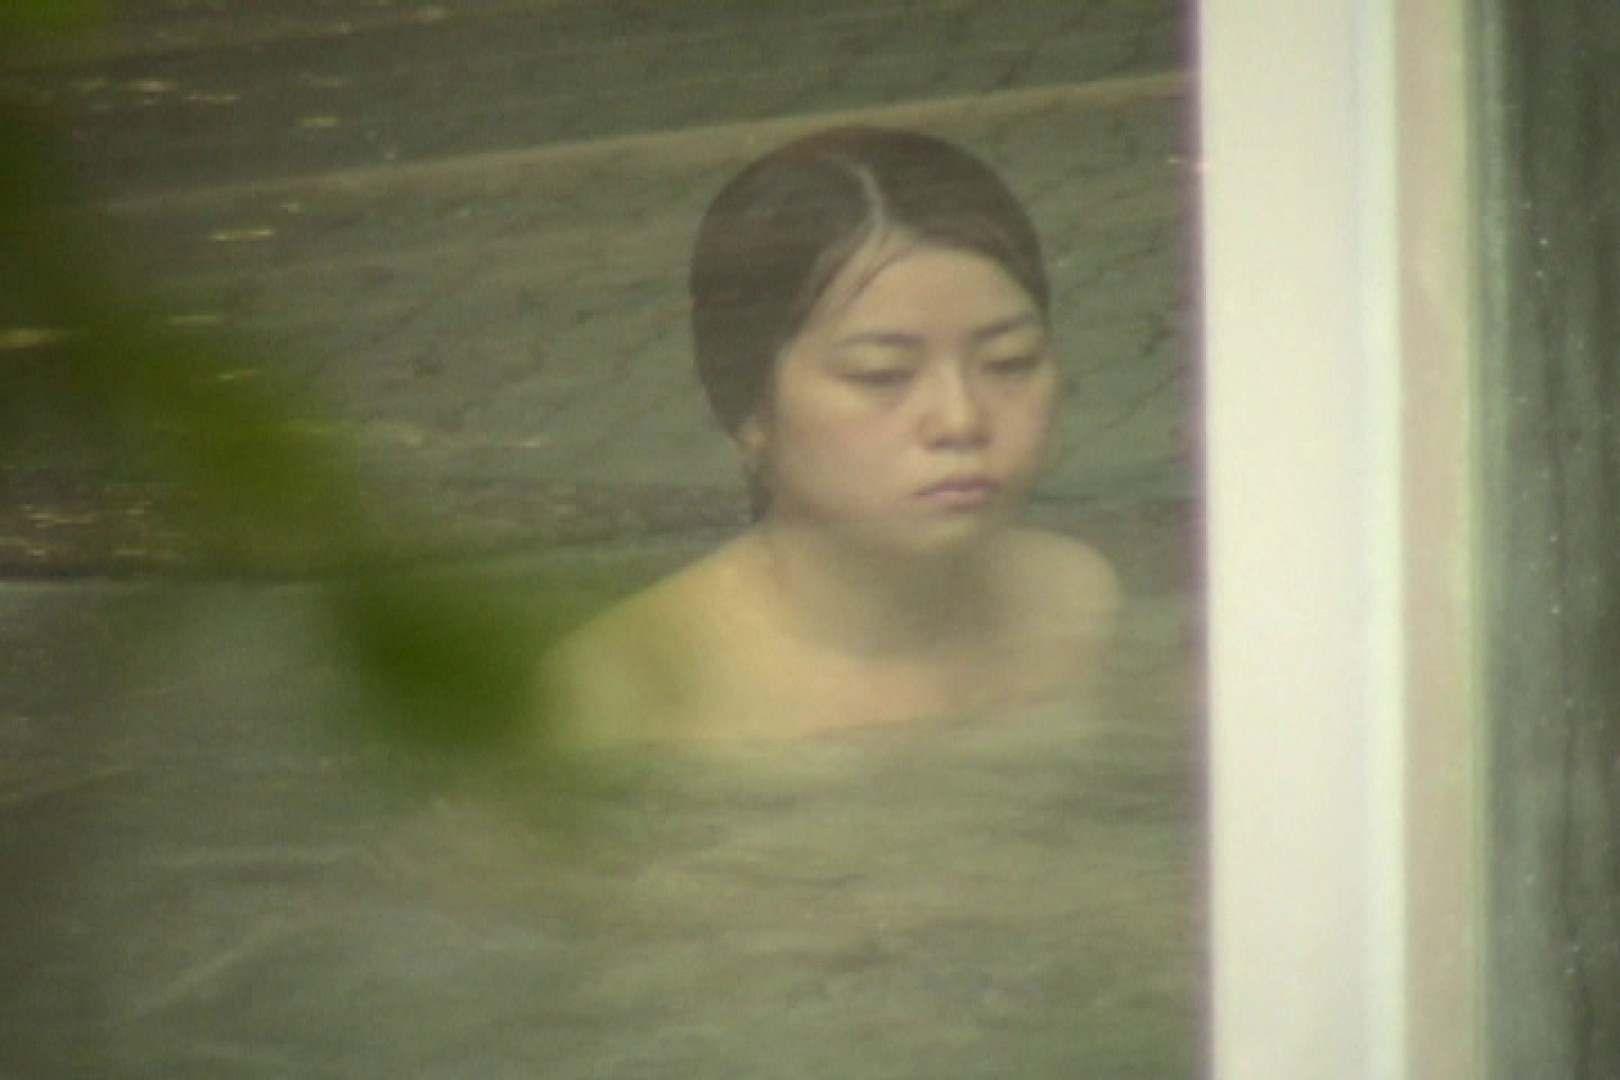 Aquaな露天風呂Vol.456 露天 | 女体盗撮  47連発 34